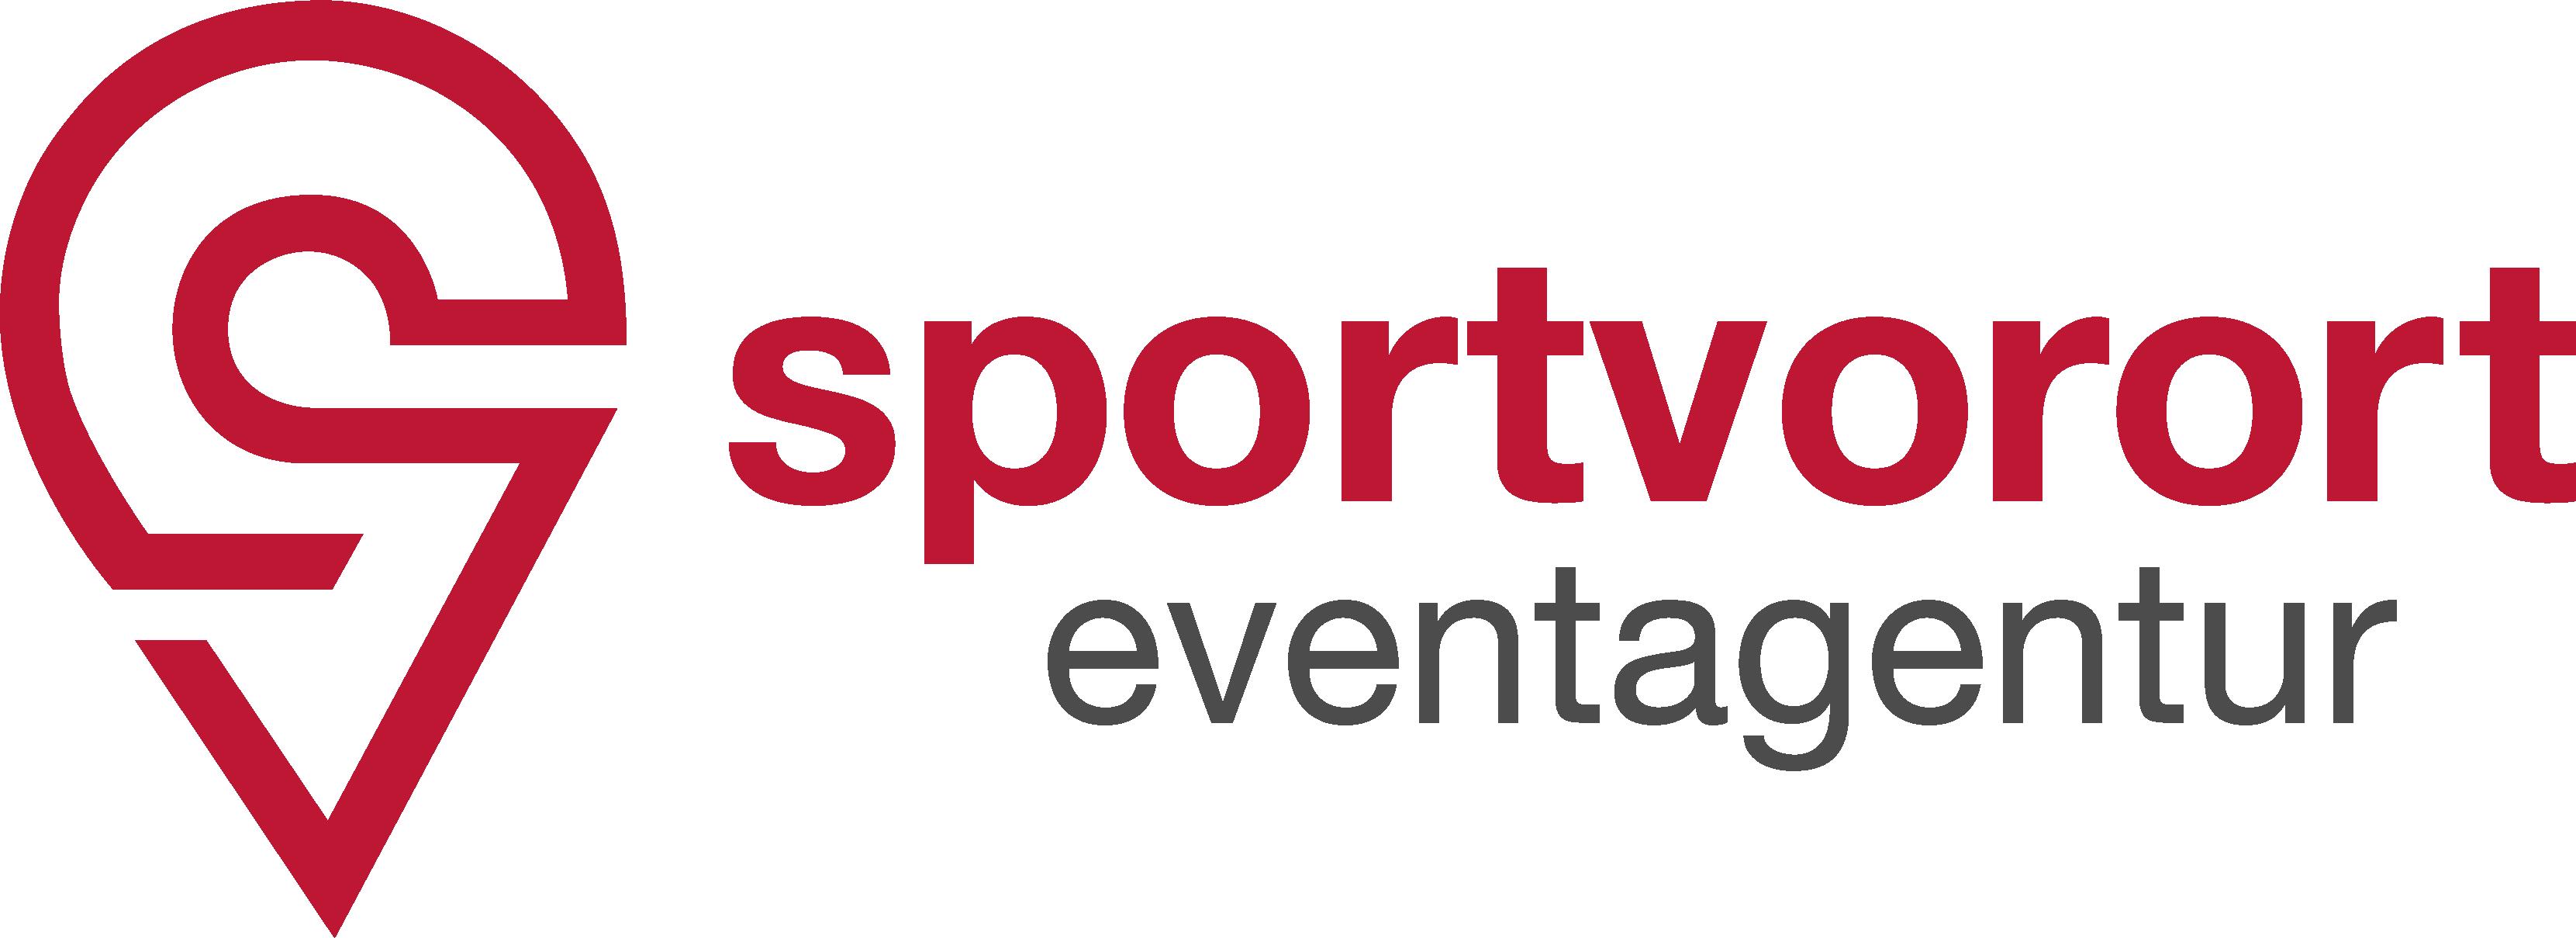 Sportvorort Eventagentur